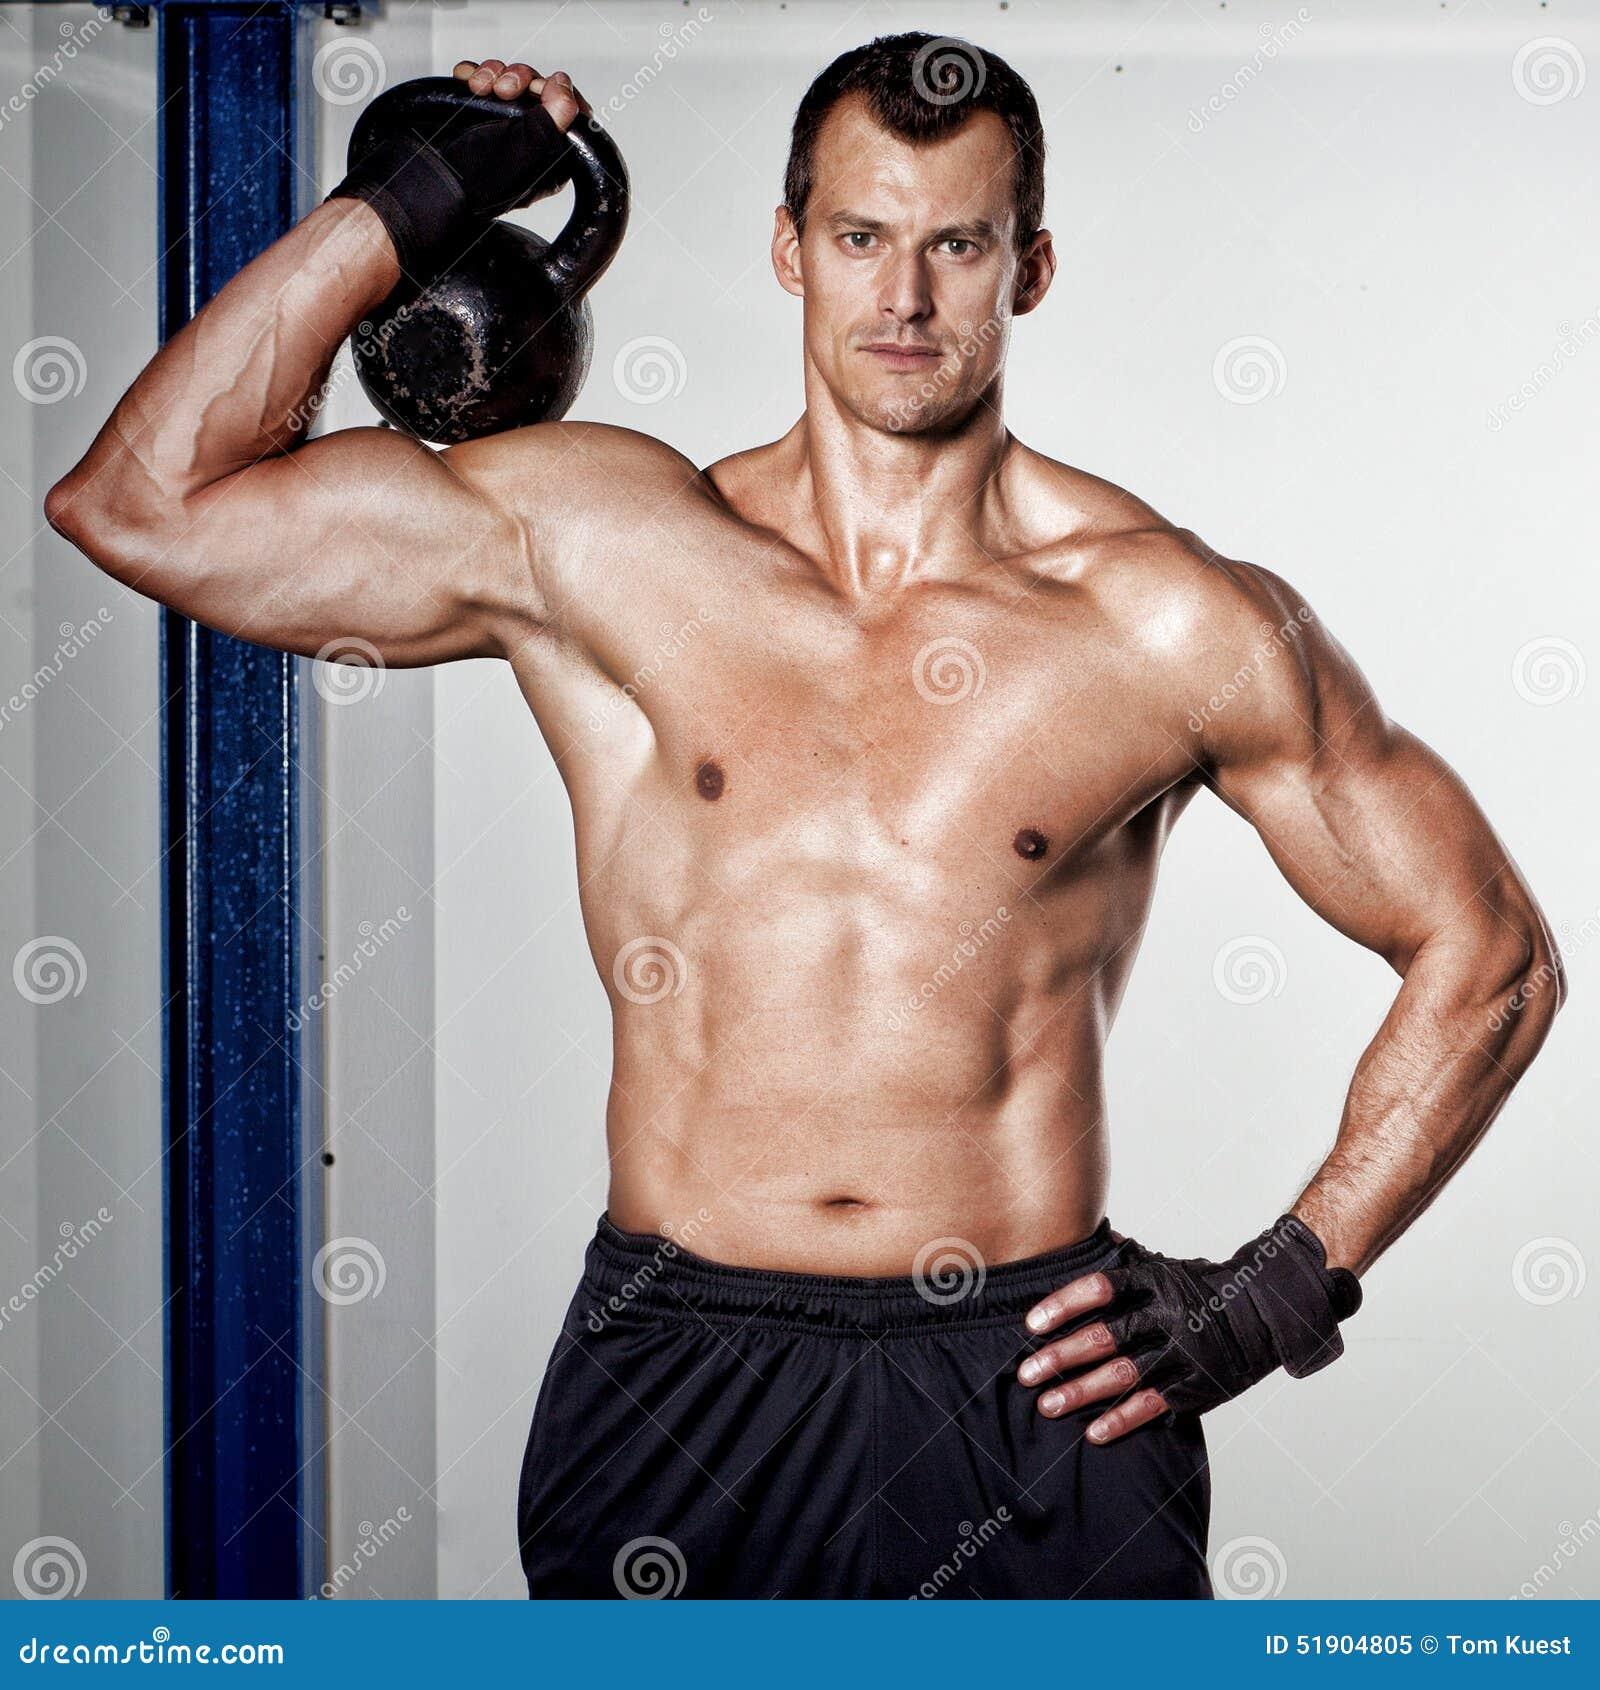 Kettlebell Workout For Men: Crossfit Kettlebell Fitness Training Man Stock Photo